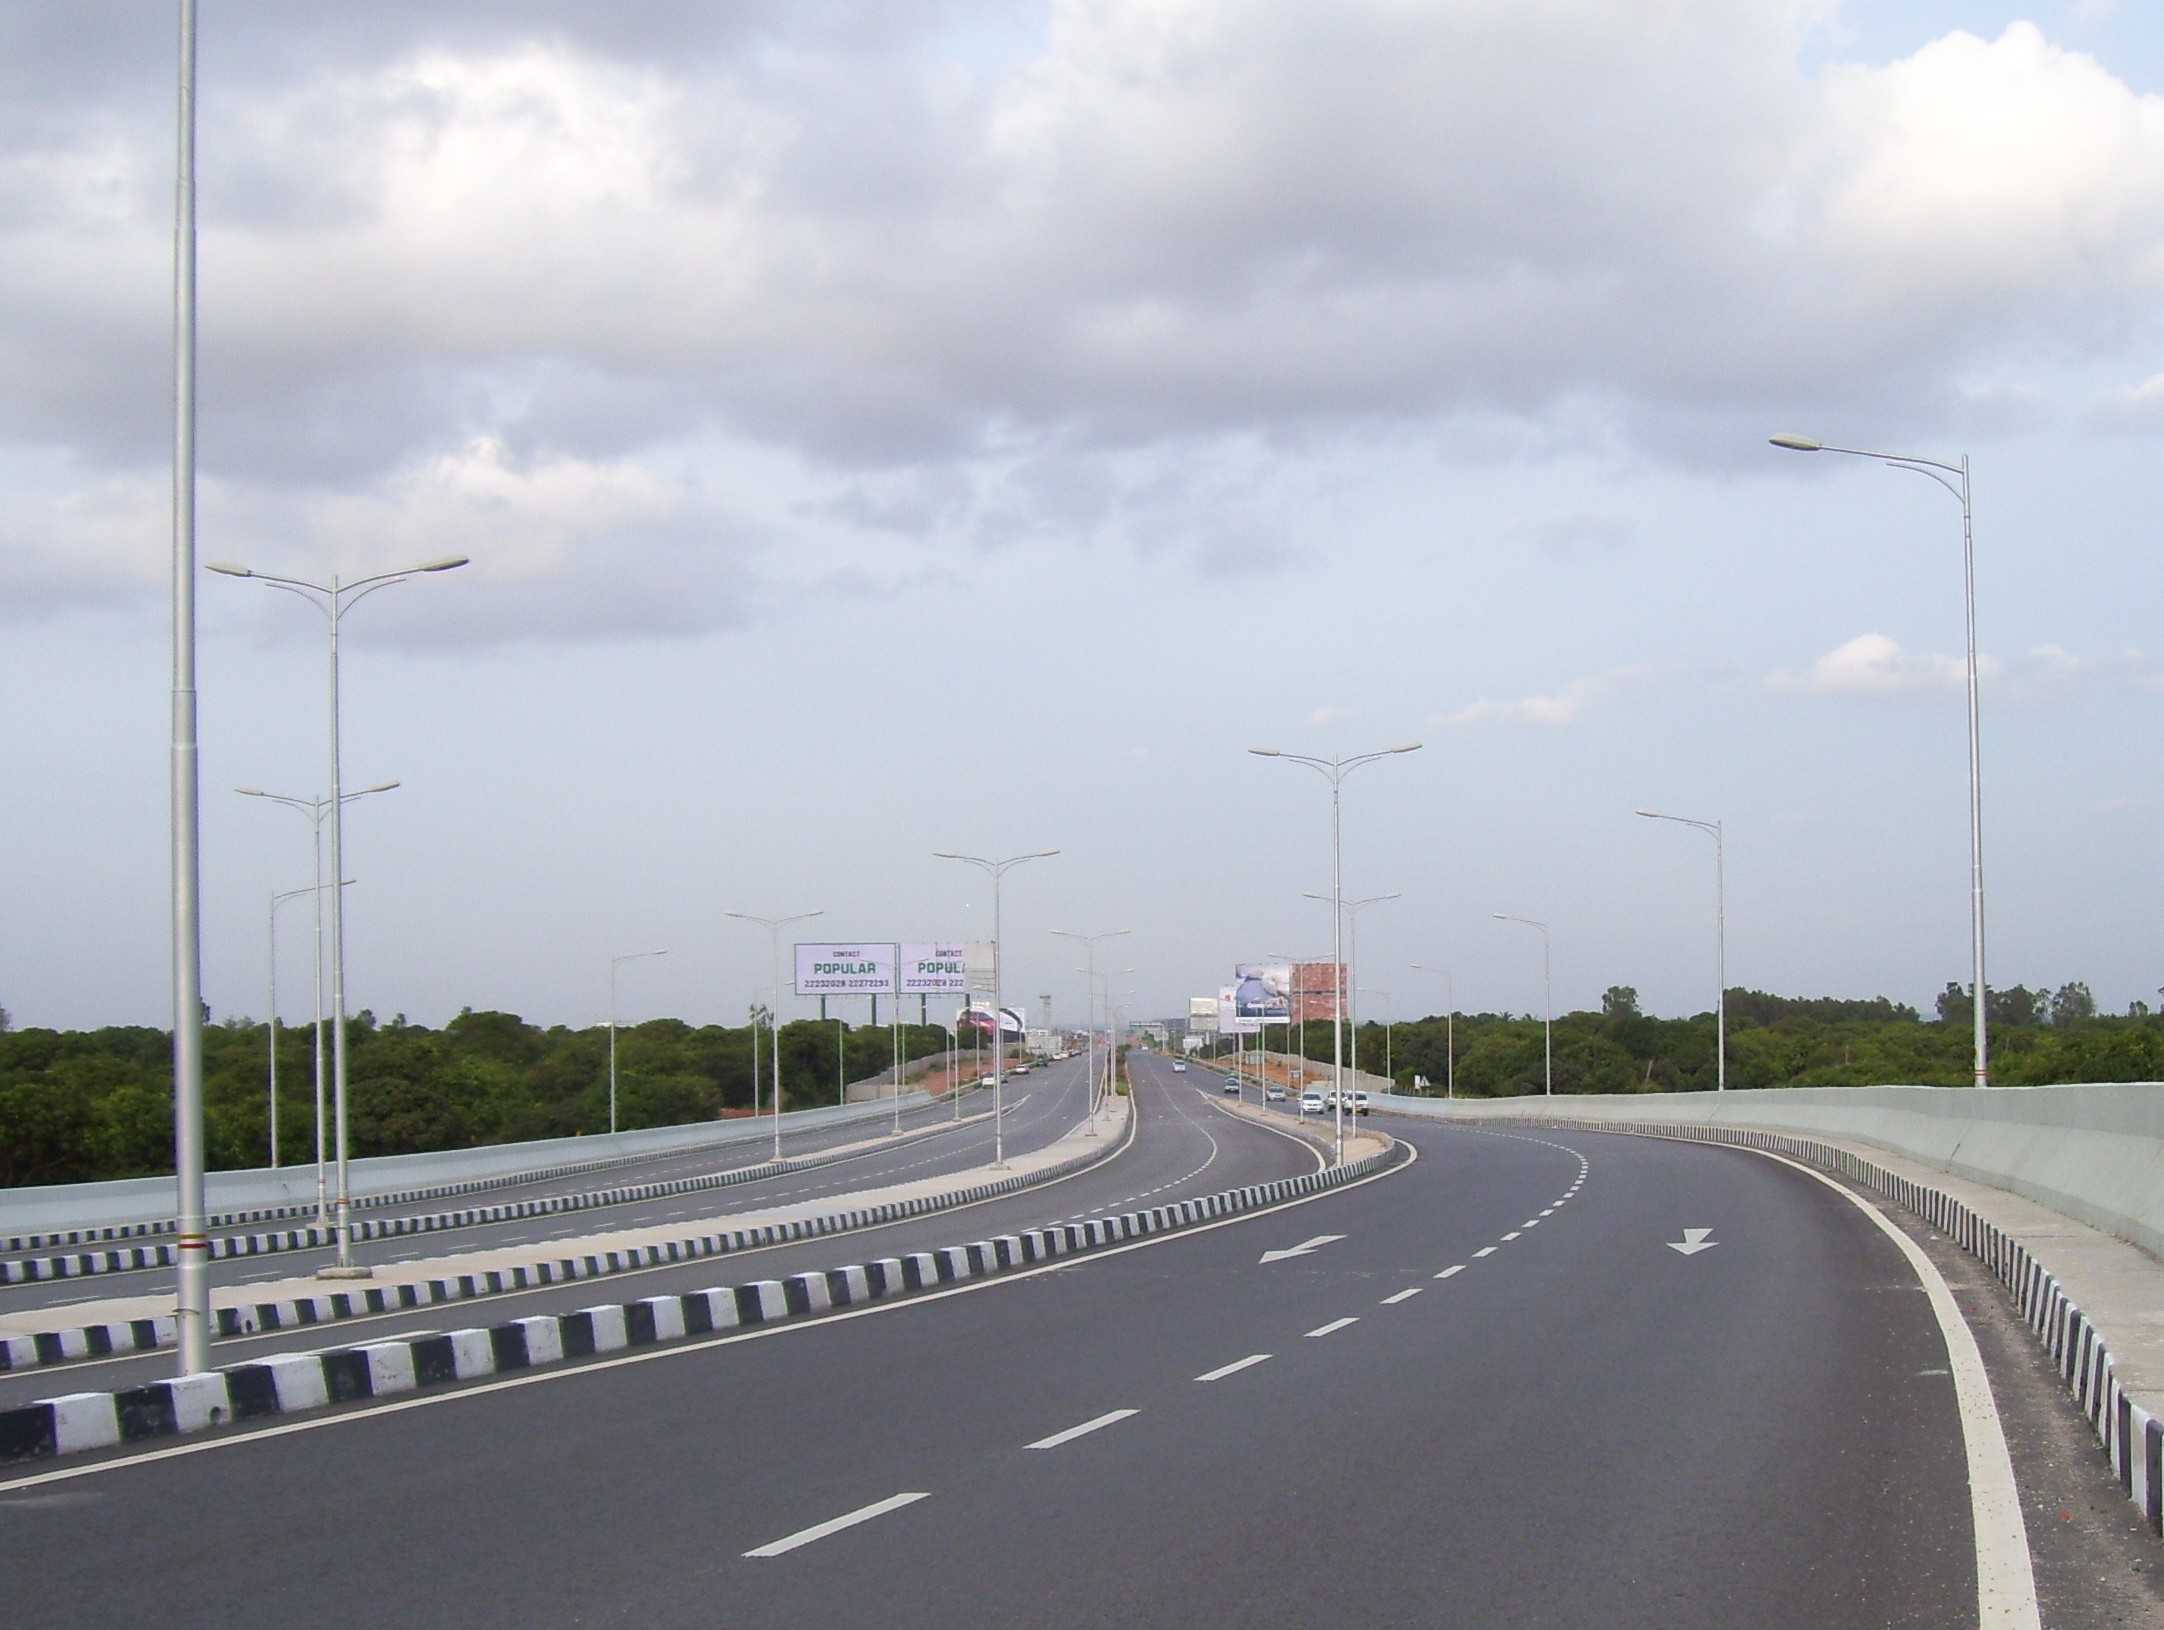 Bangalore City Real Estate Scenario